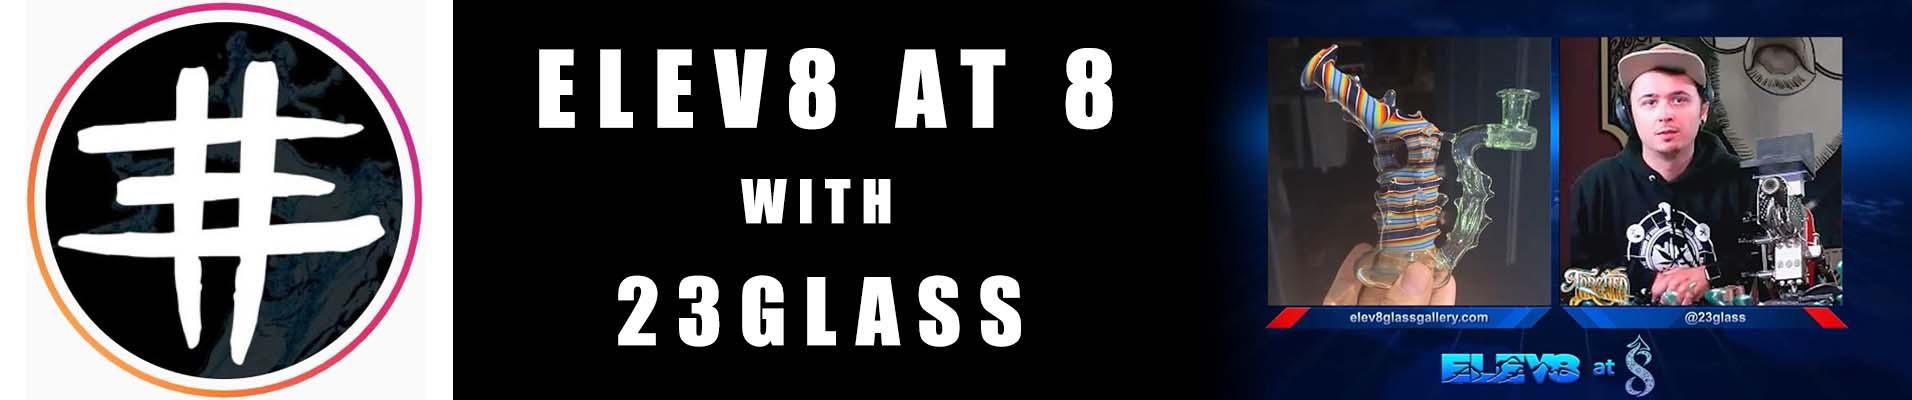 23glass-elev8-at-8-banner.jpg